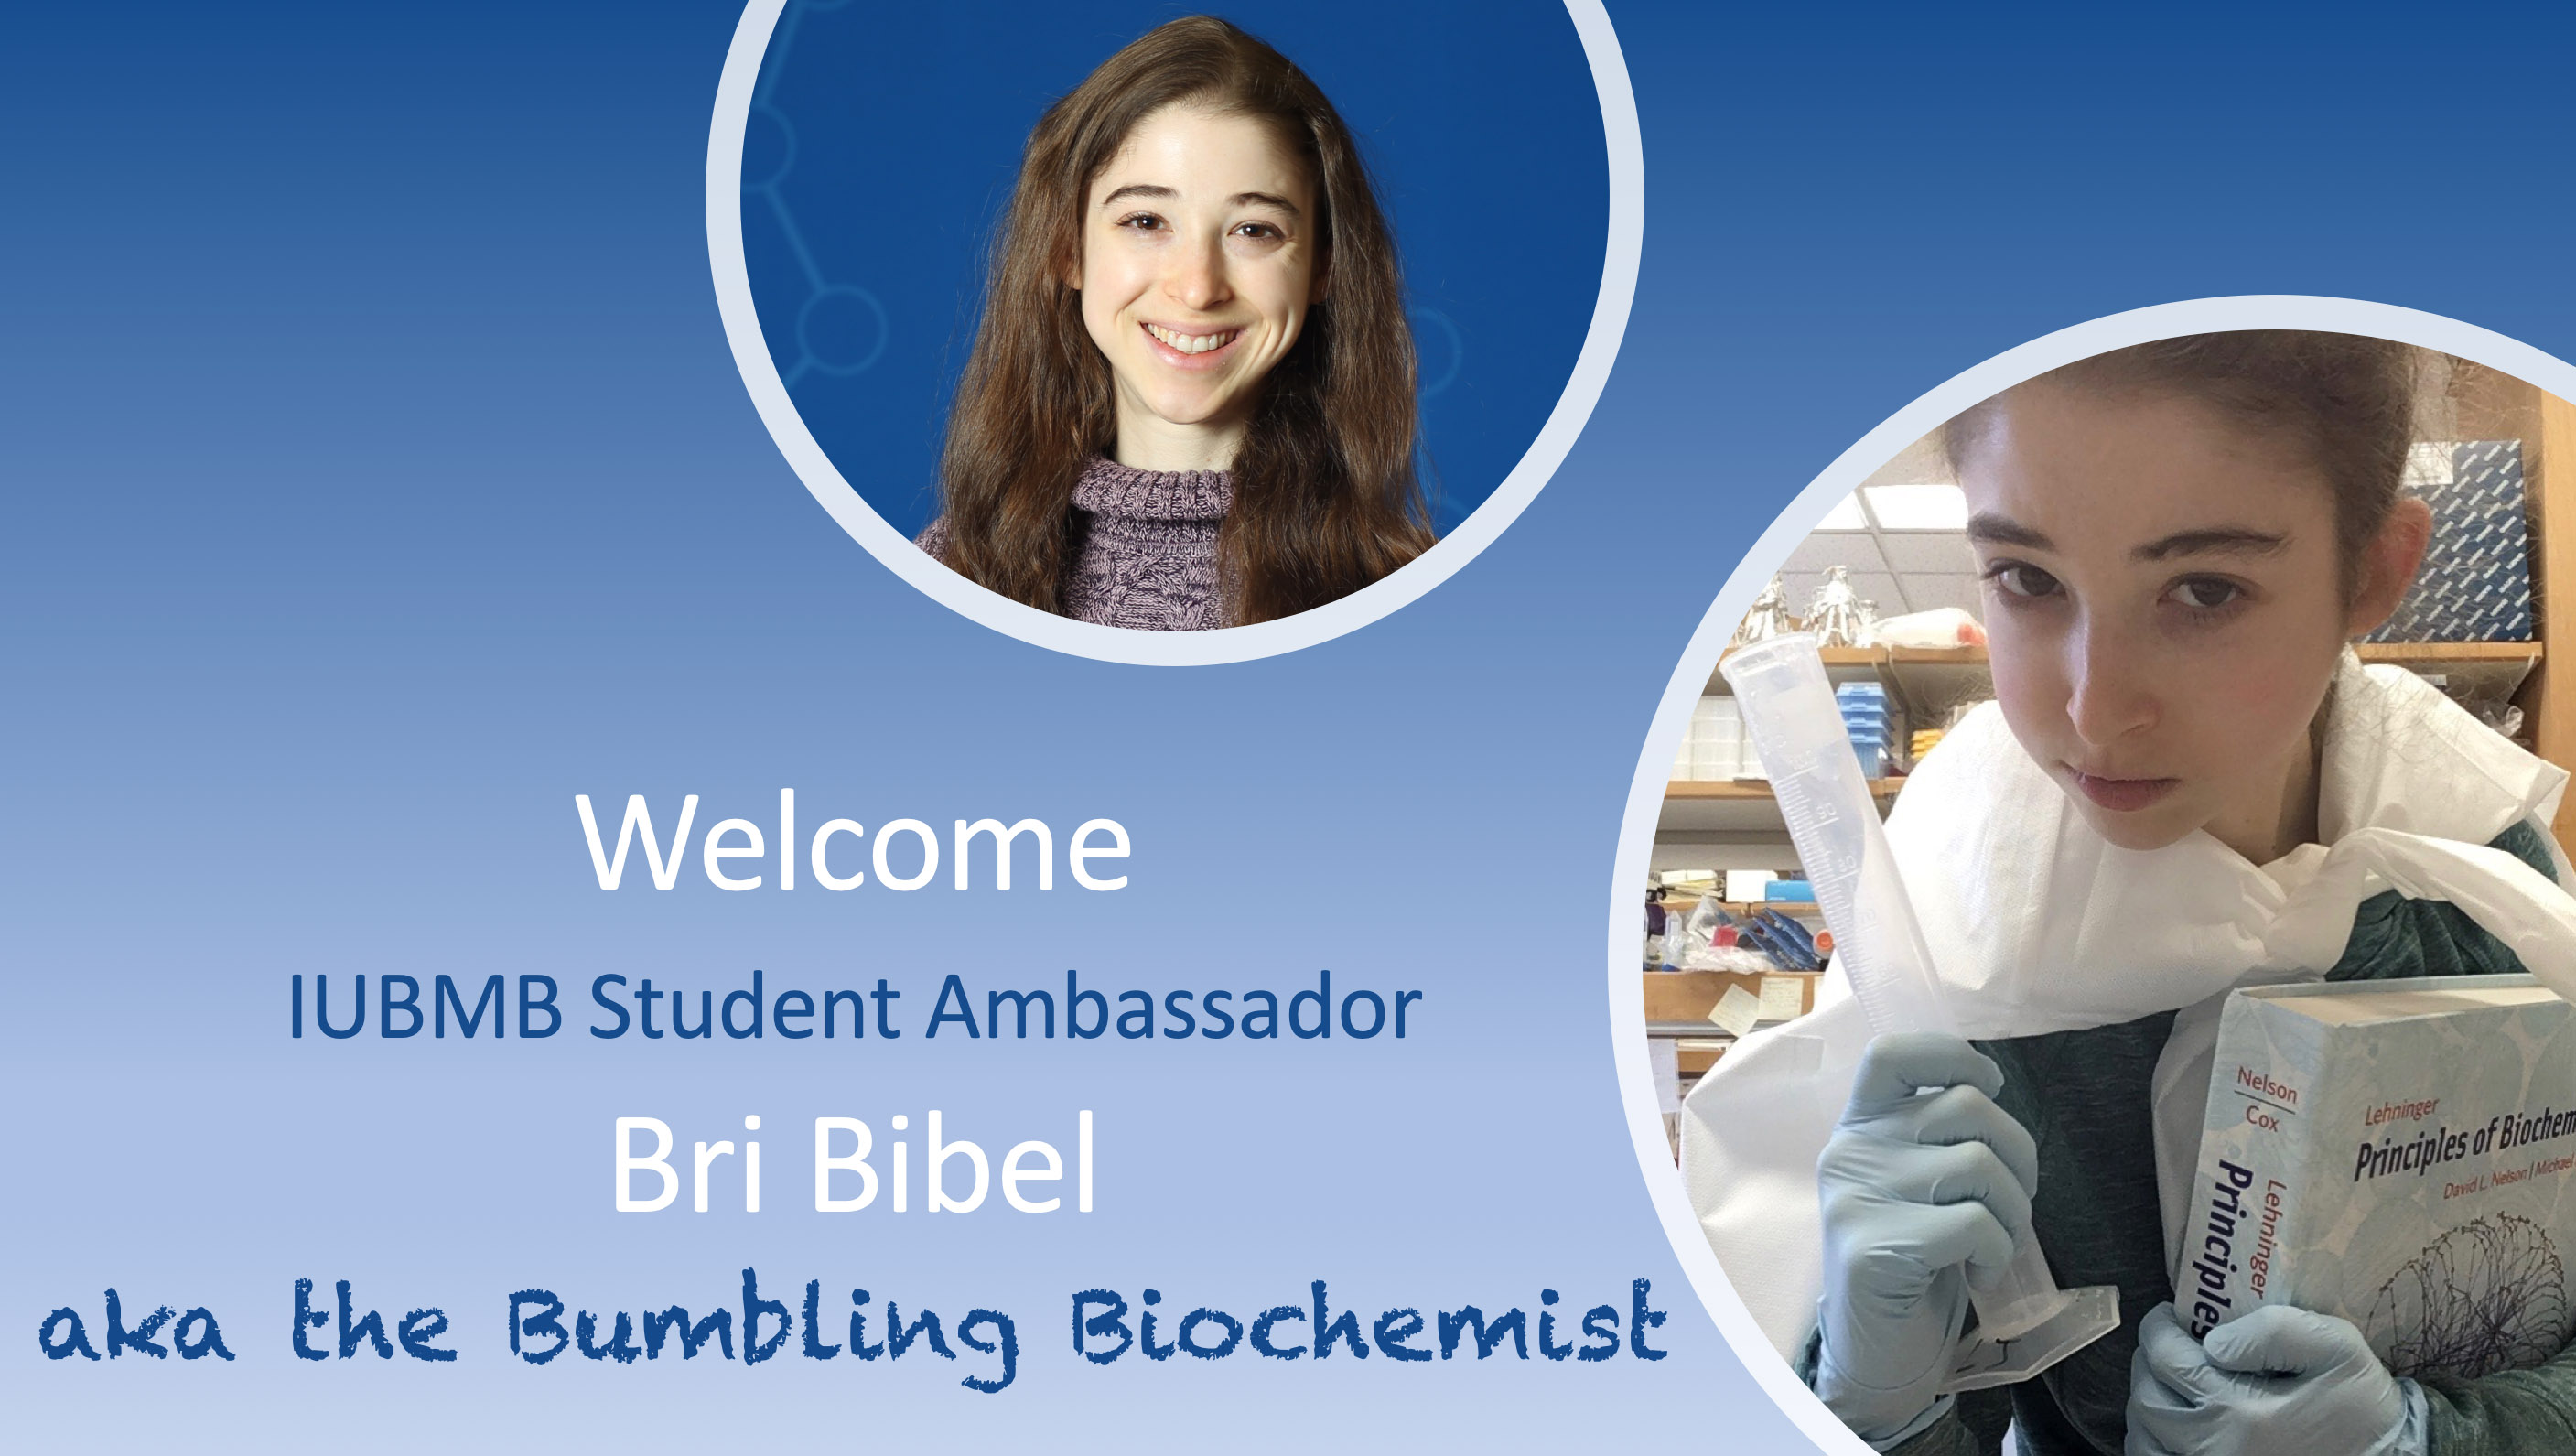 IUBMB Student Ambassador Bri Bibel